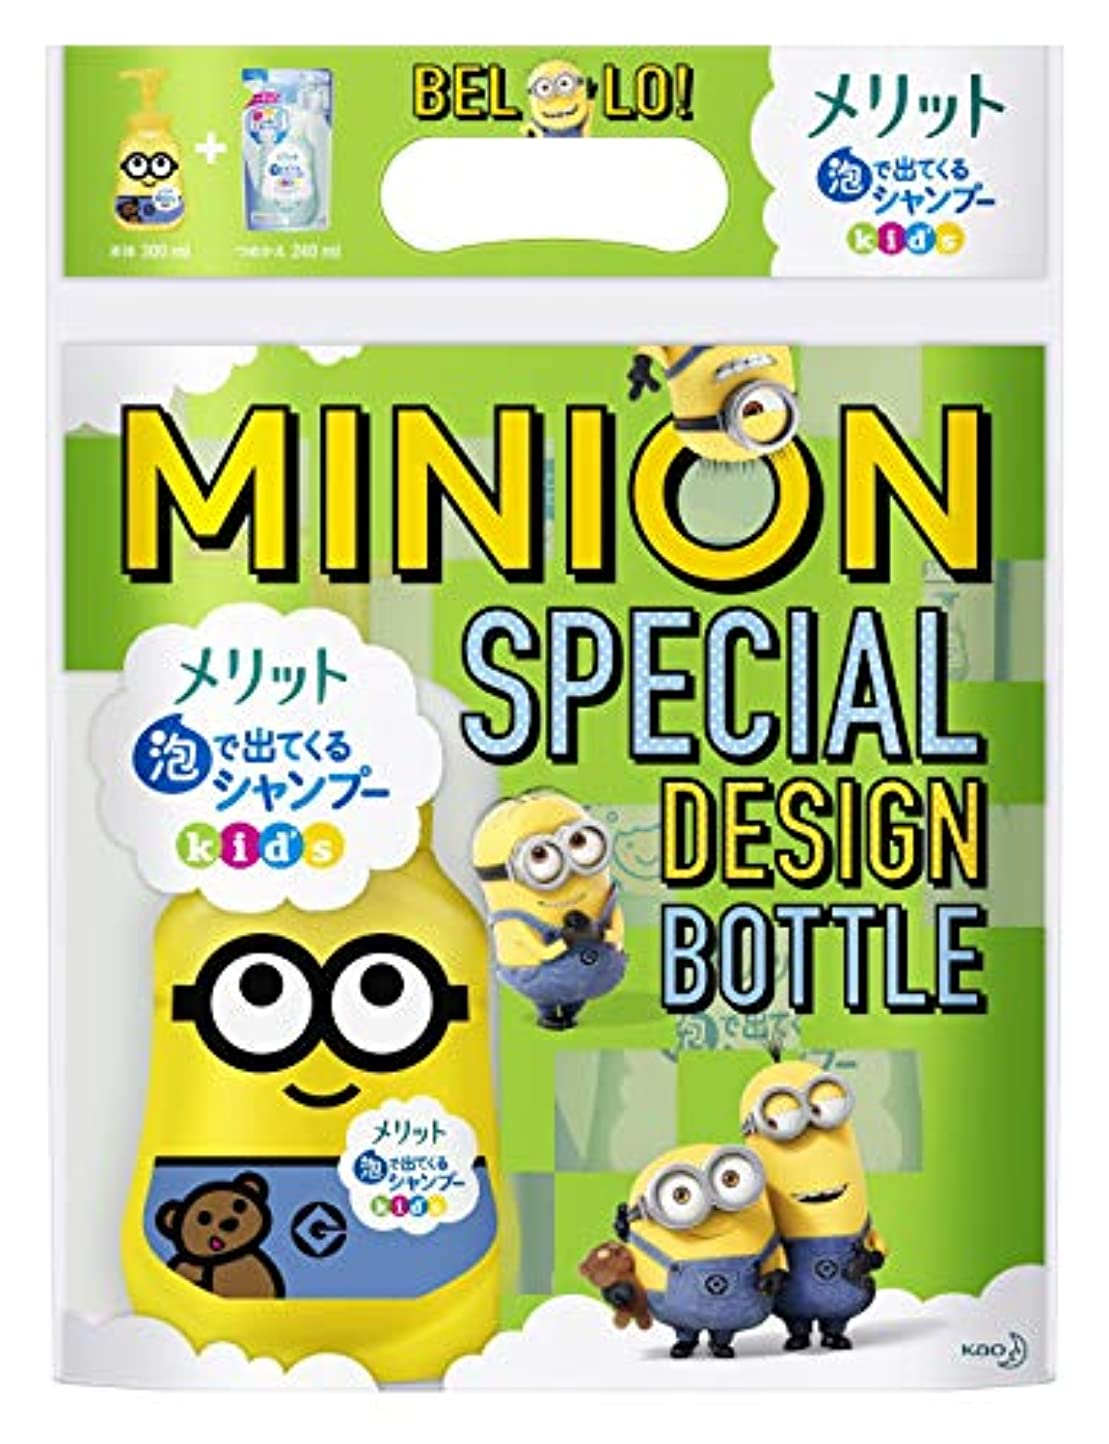 測定劣るわかりやすいメリット 泡で出てくるシャンプー キッズ ミニオン スペシャルデザインボトル [ Minion Special Design Bottle ] + つめかえ用セット (デザインボトル300ml+つめかえ用240ml)